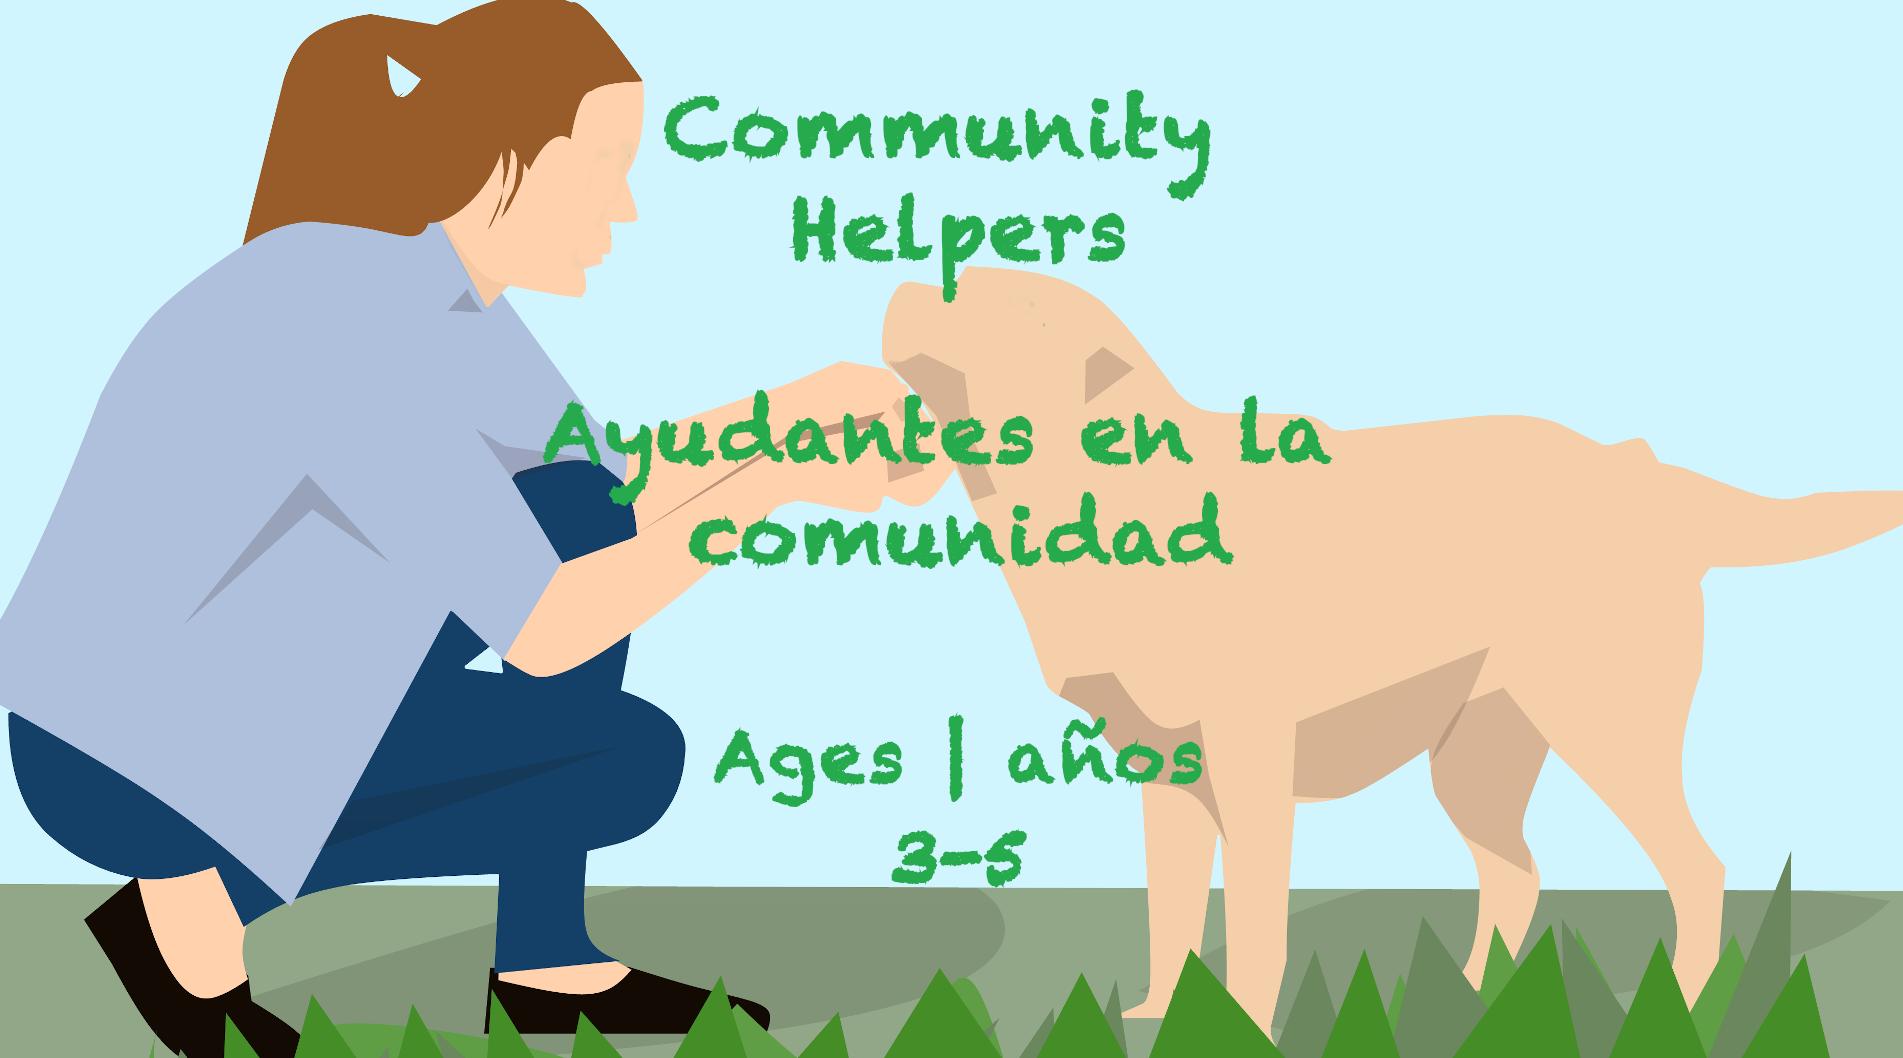 Weekly Themes #39 Community Helpers | Colaboradores de la comunidad for 3-5 year olds